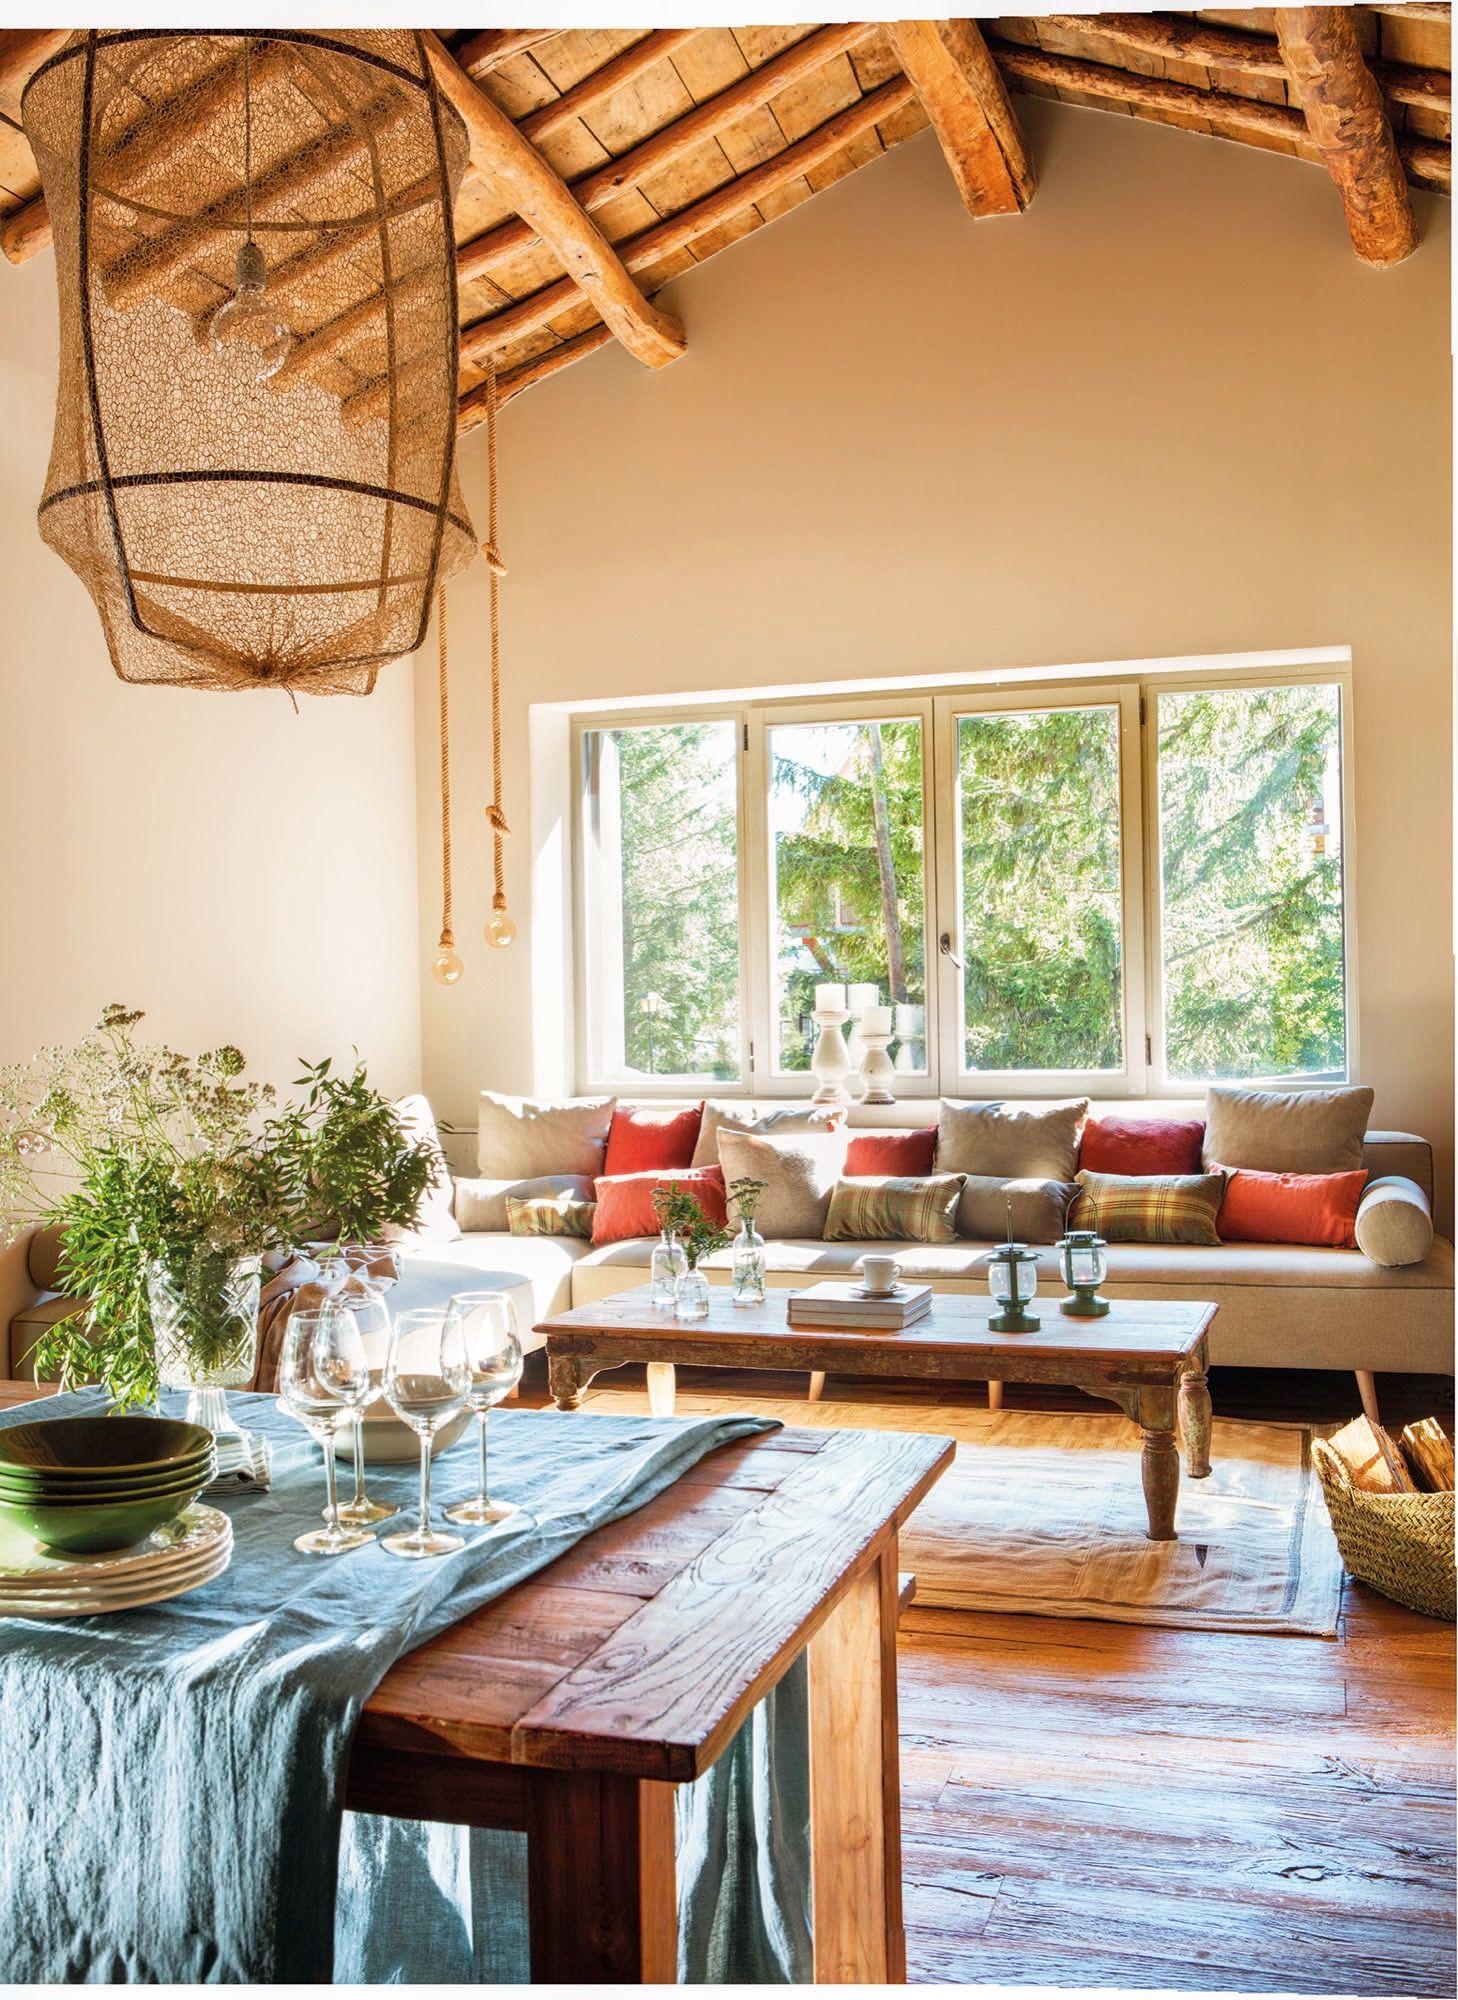 Pano13 19 2 Salon Con Sofa Mesa De Centro Y Techos Rusticos  # Muebles Relleno Solana